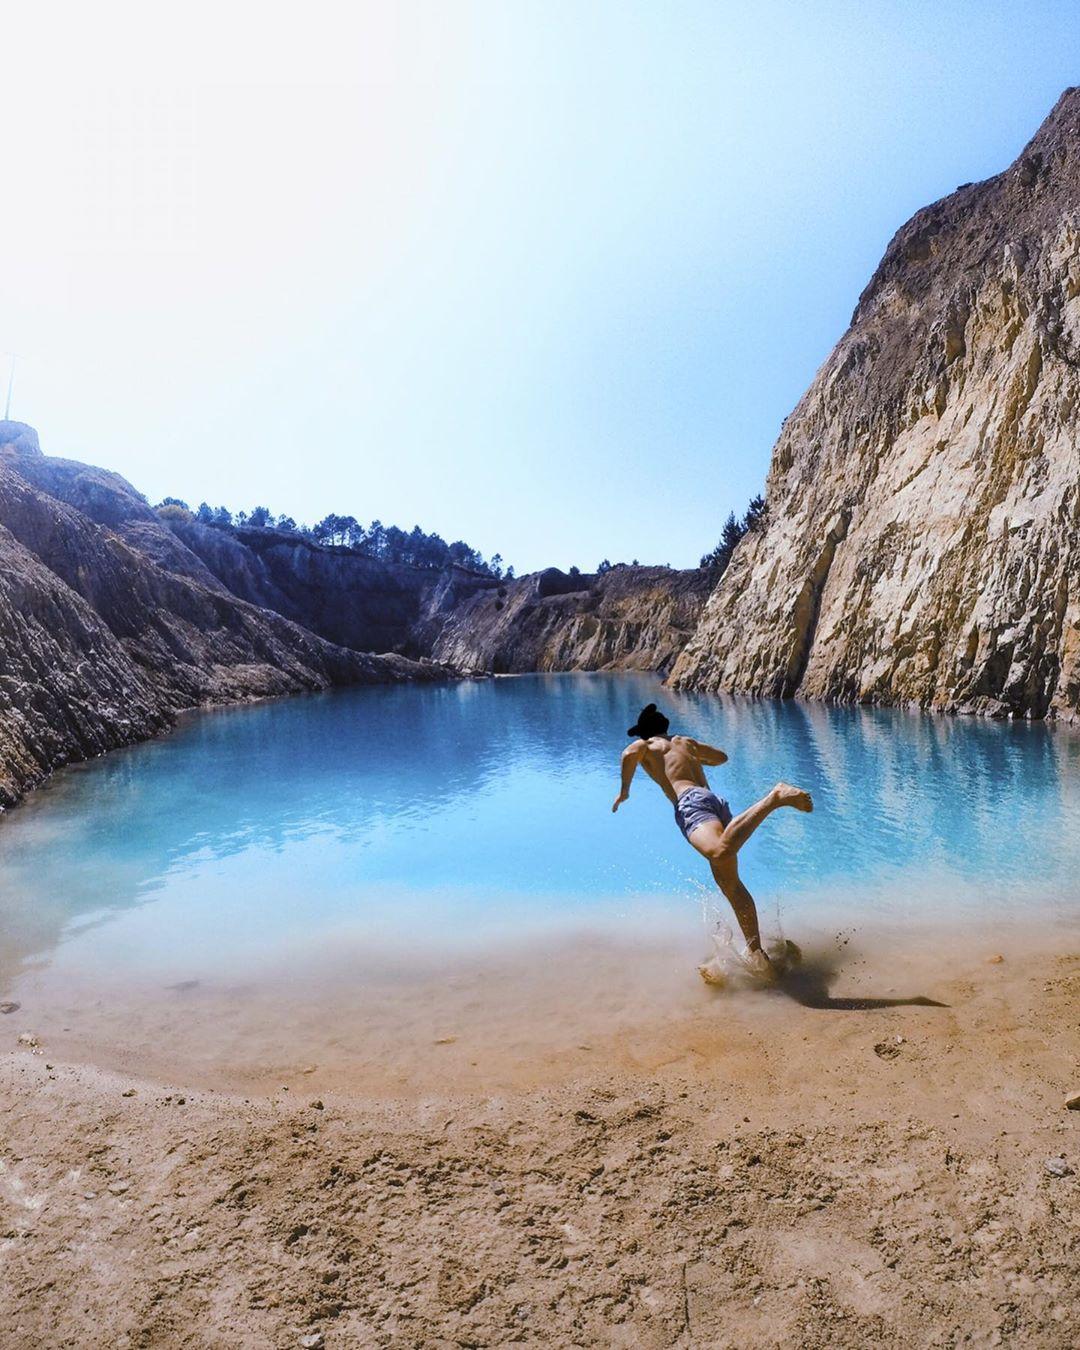 Ham sống ảo, Instagrammer bị phát ban và buồn nôn sau khi chụp ảnh gần hồ nước độc